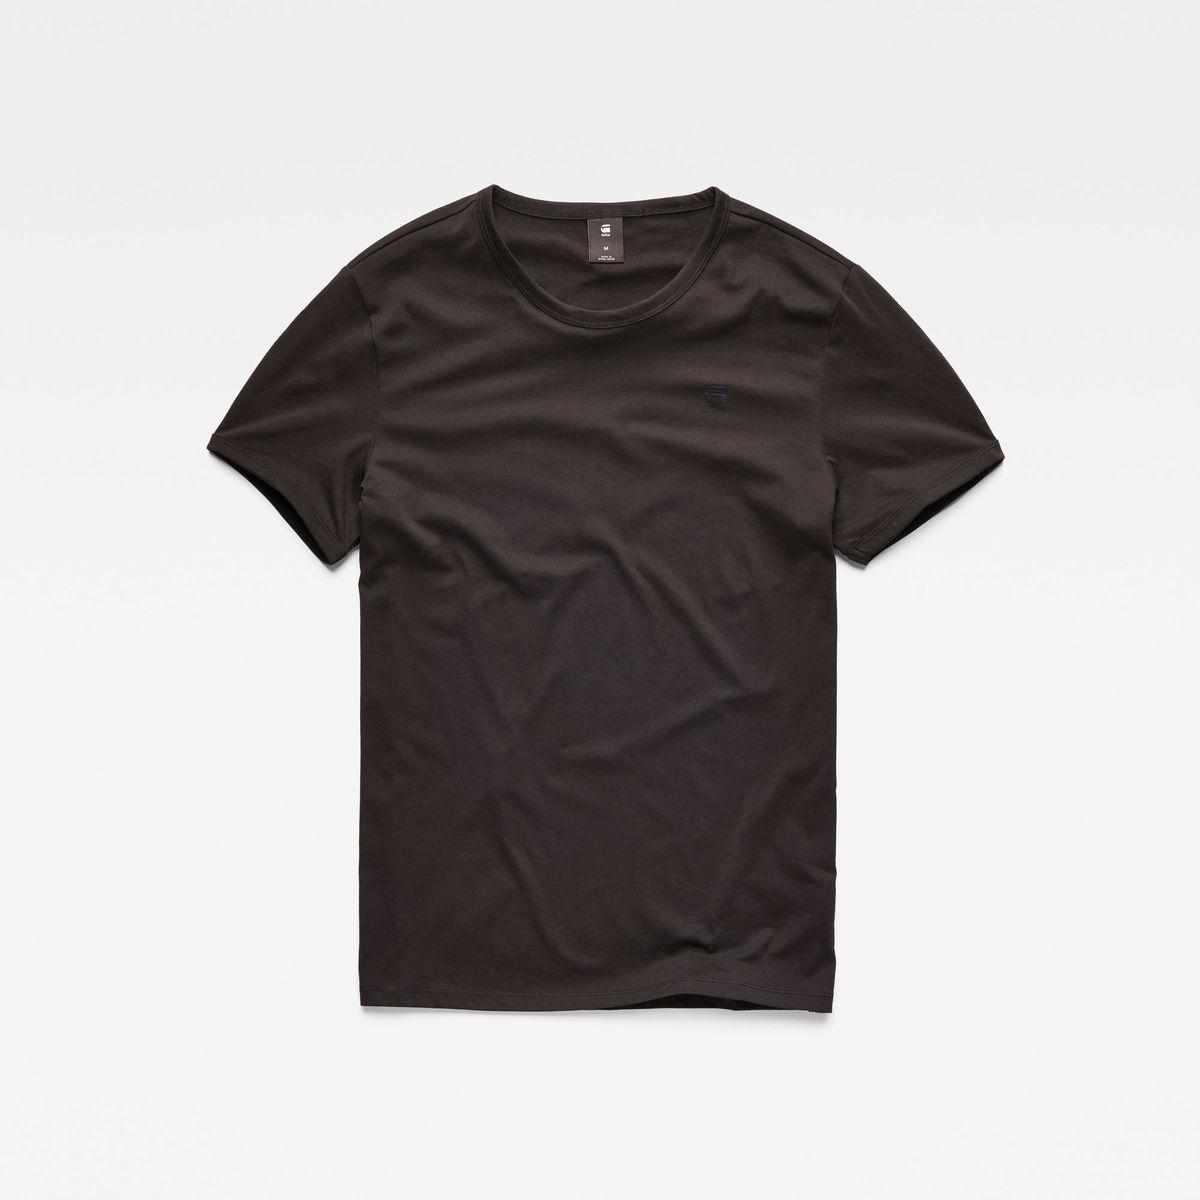 Bild 4 von Base-S T-Shirt